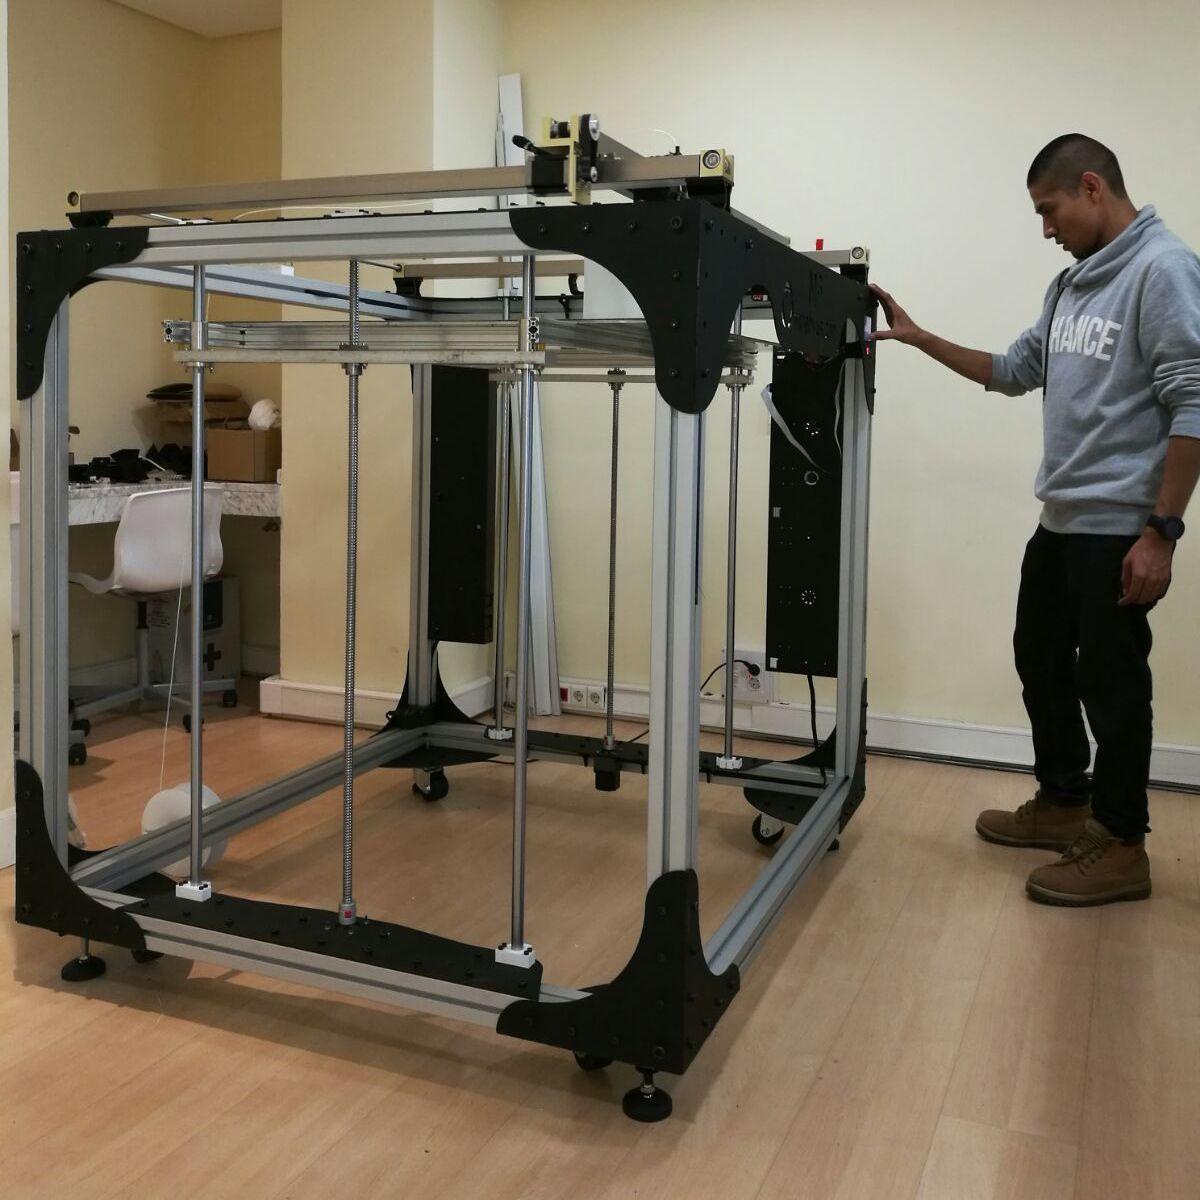 Impresora 3D con un metro cúbico de área de impresión